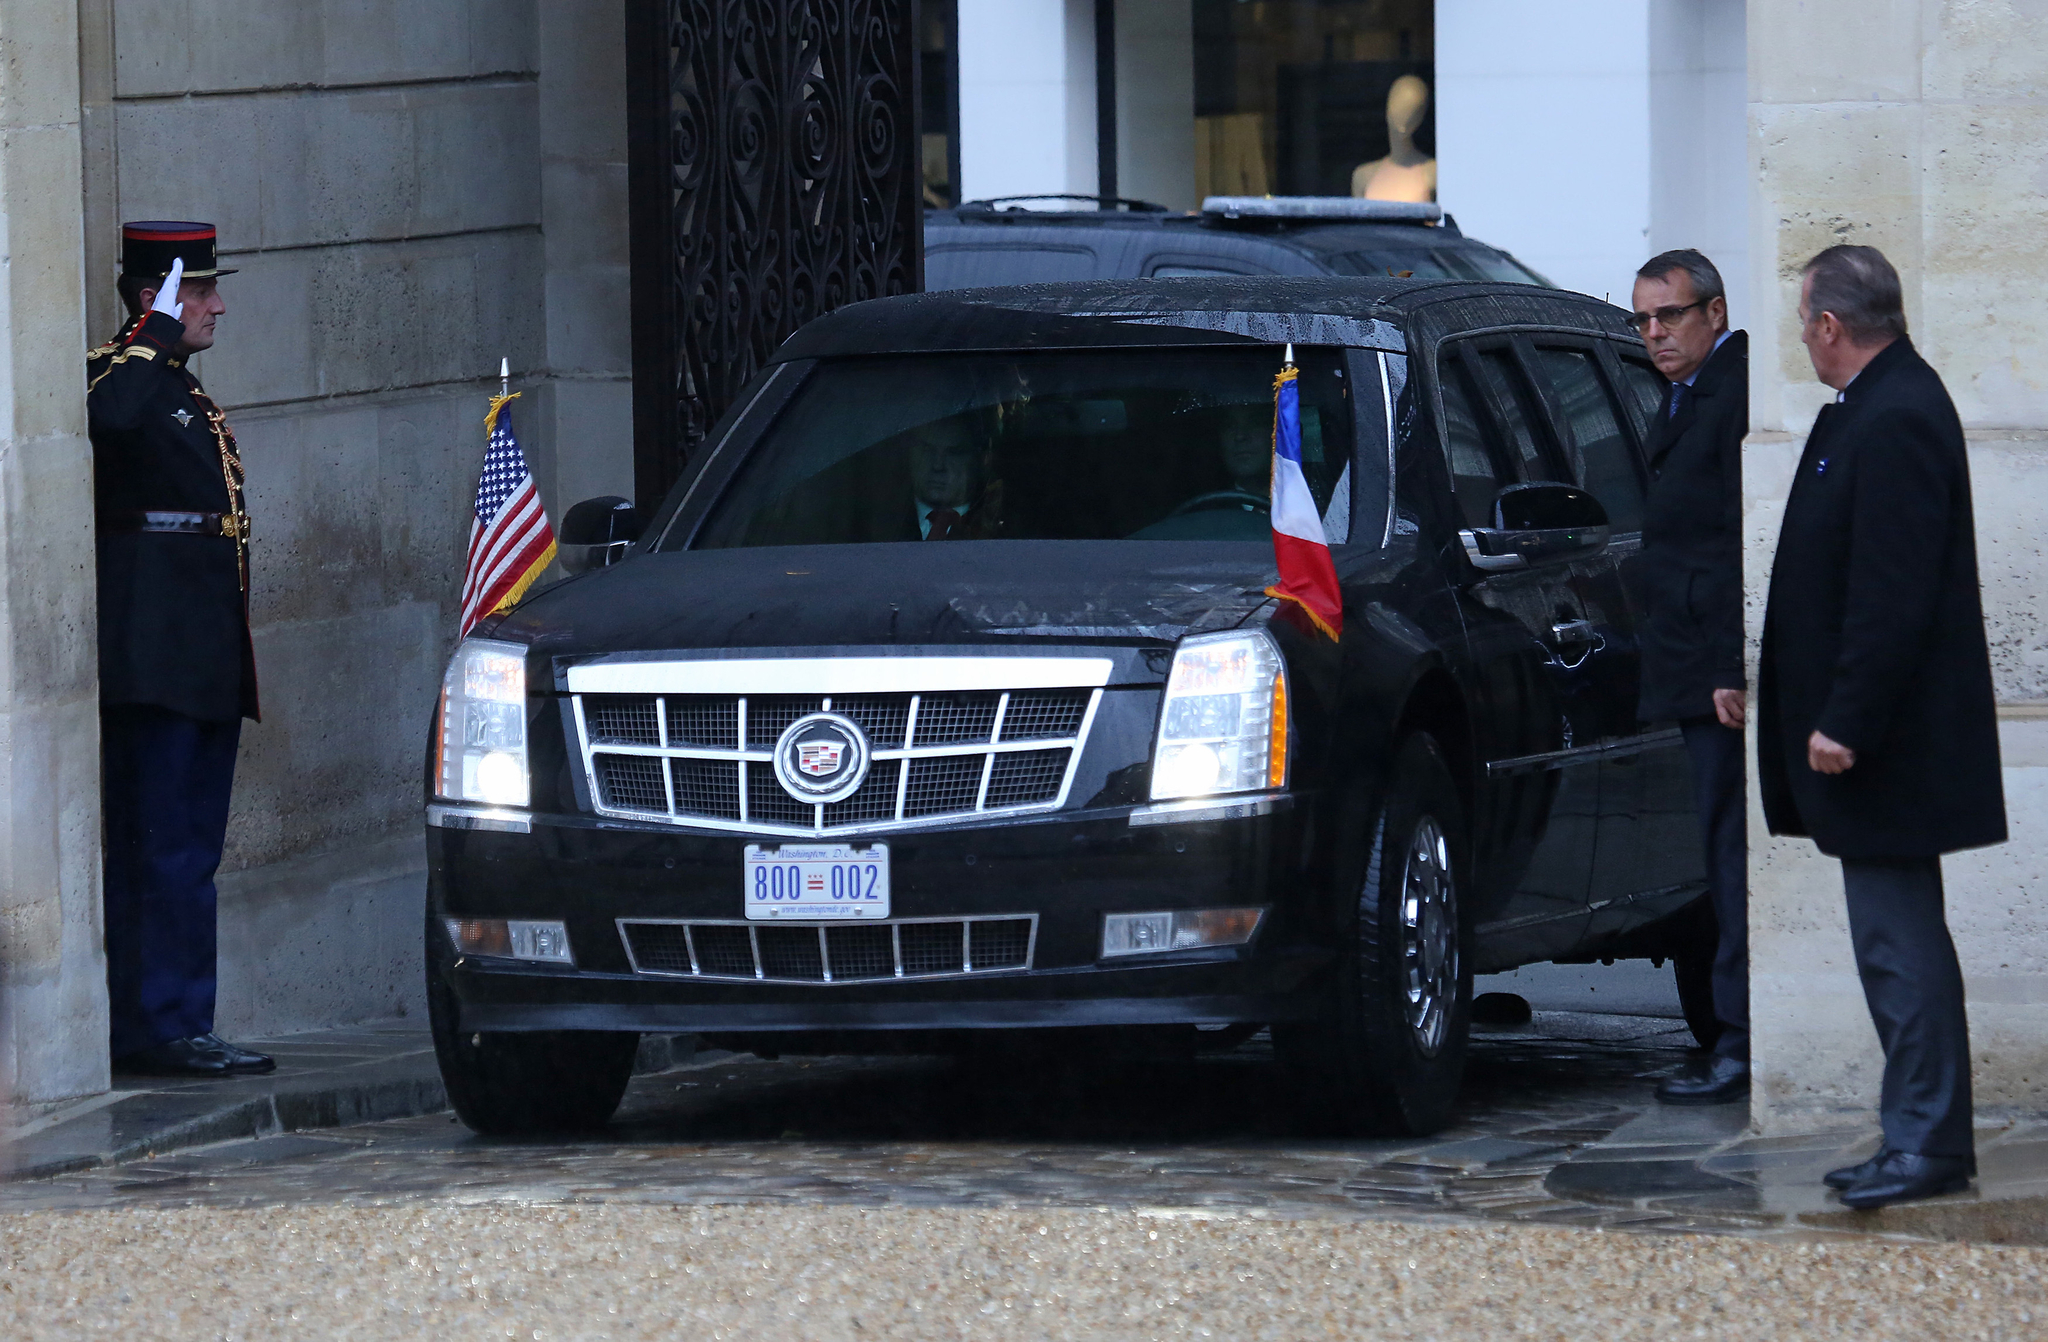 트럼프 대통령이 탄 '더 비스트'가 10일 오후 프랑스 파리 엘리제궁에 도착하고 있다.[UPI=연합뉴스]